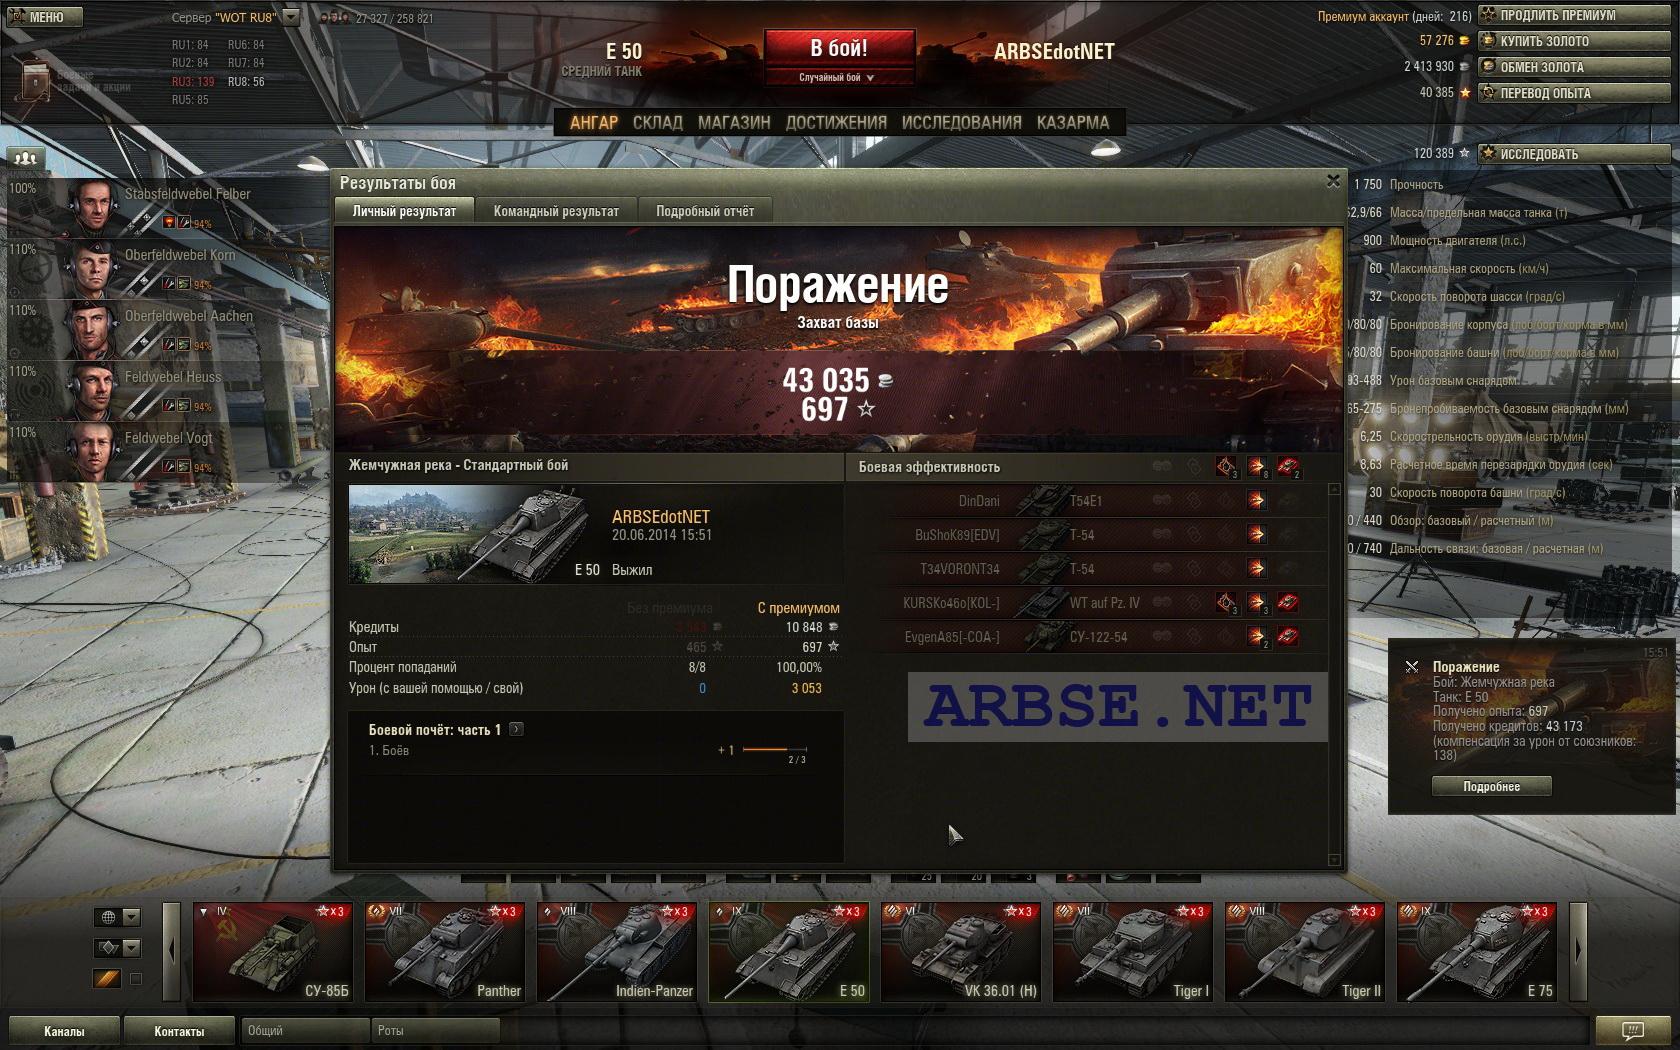 T34 обзор гайд ттх секреты тяжелого танка t34 из игры